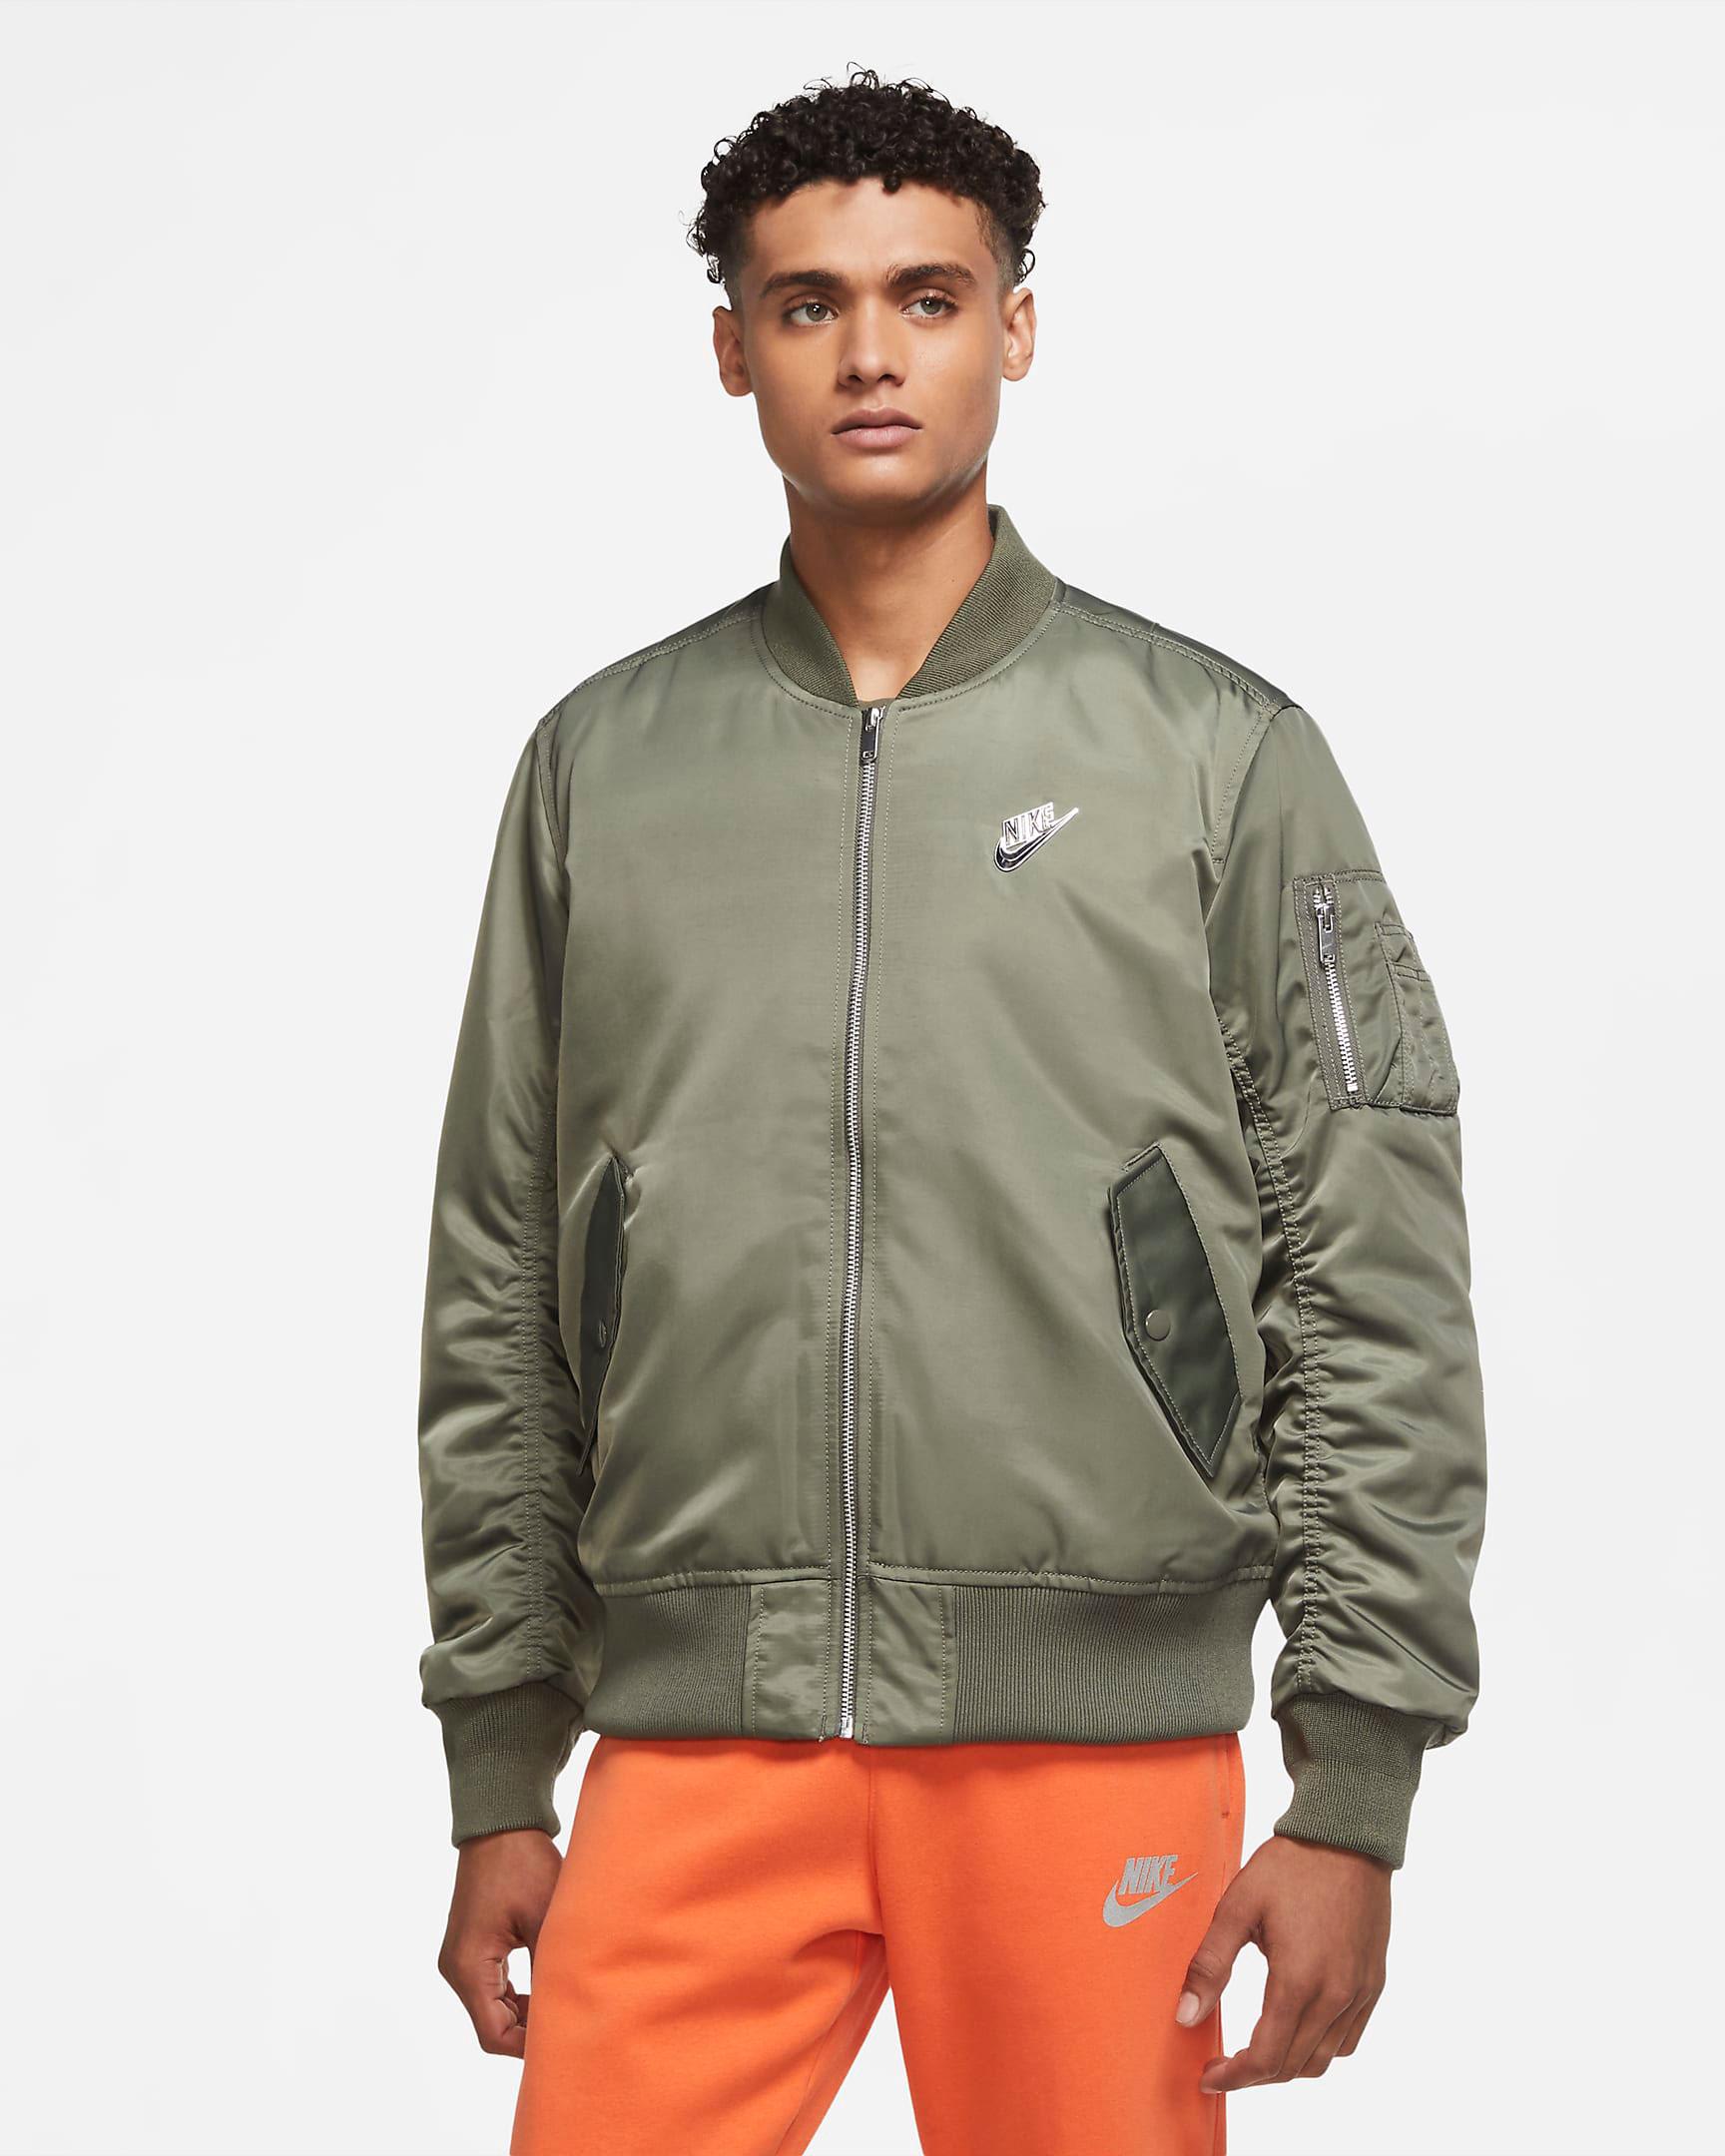 nike-sportswear-punk-bomber-jacket-1